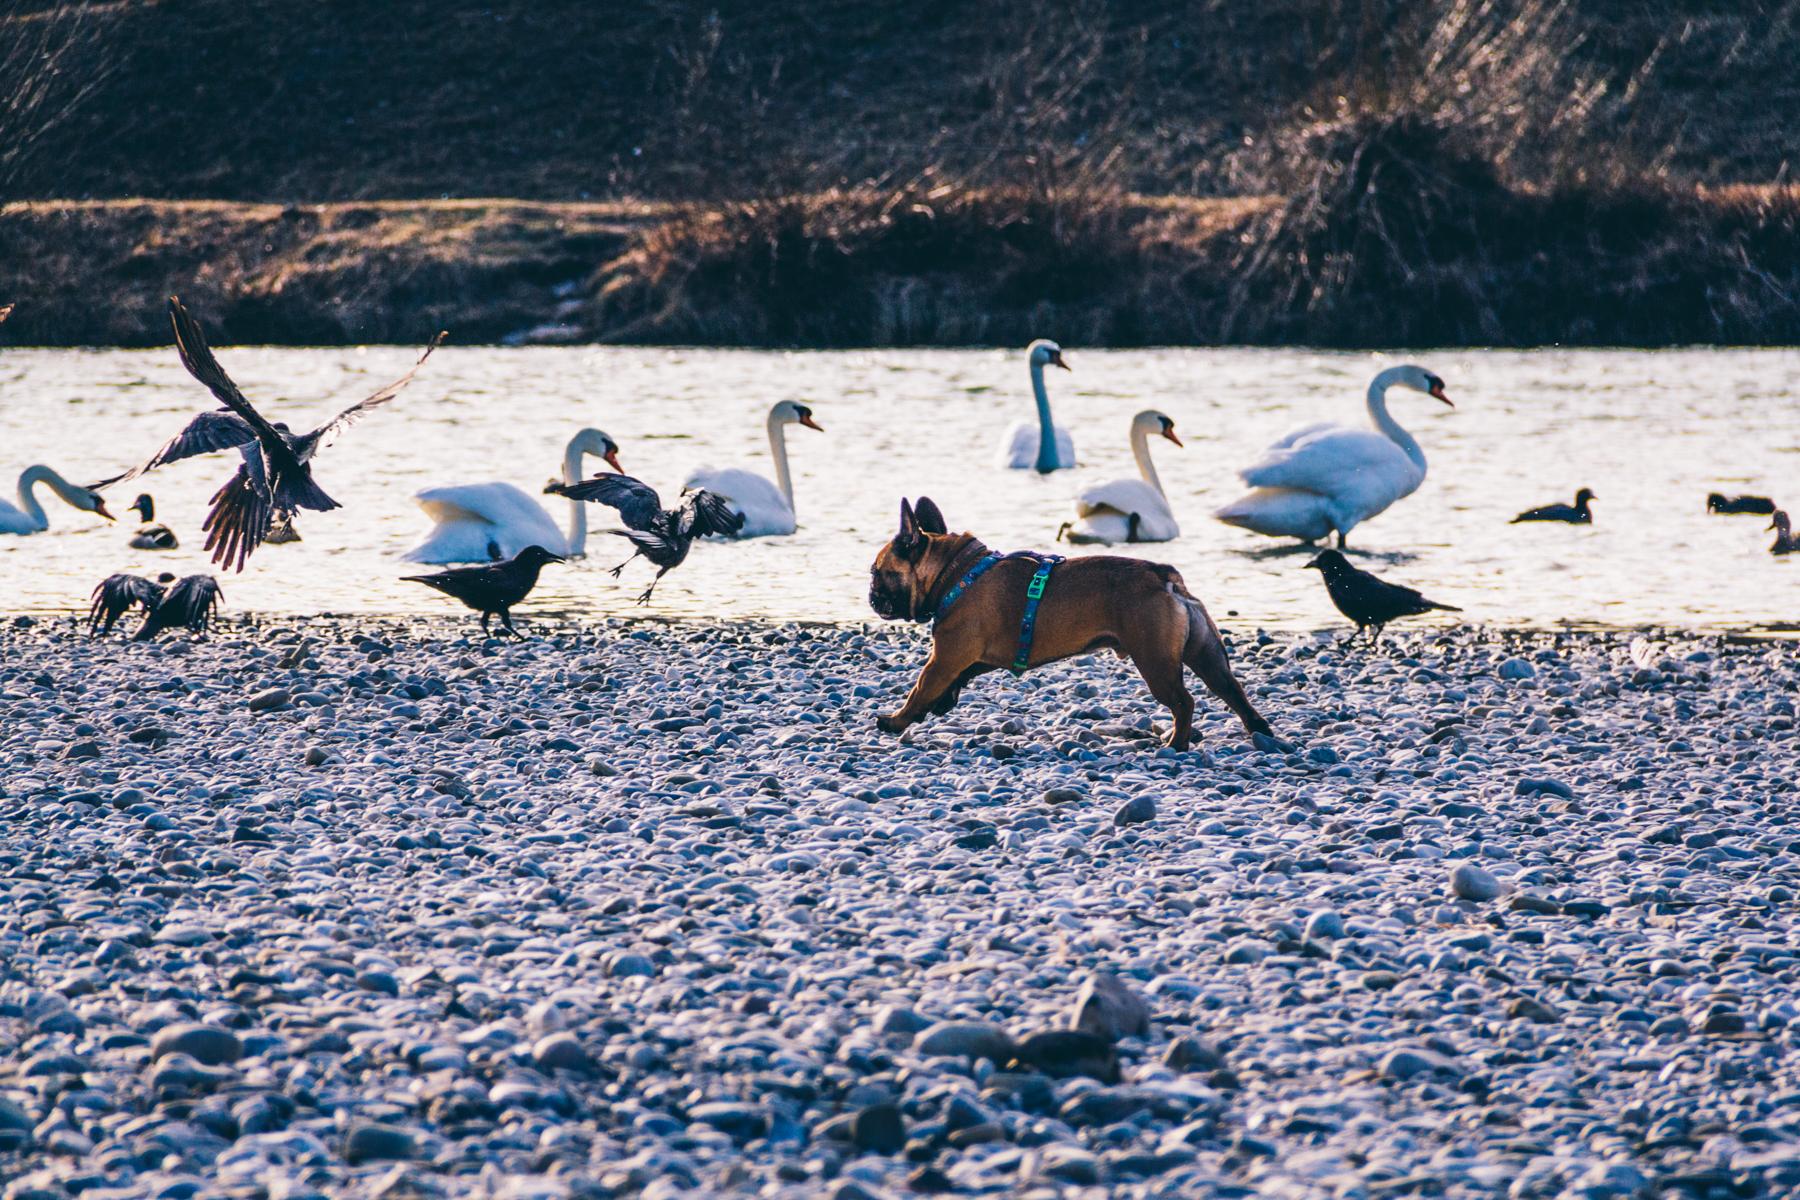 Dobby sucht regelmäßig neue Freunde unter den gefiederten Isarbewohnern.  – ©wunderland media GmbH